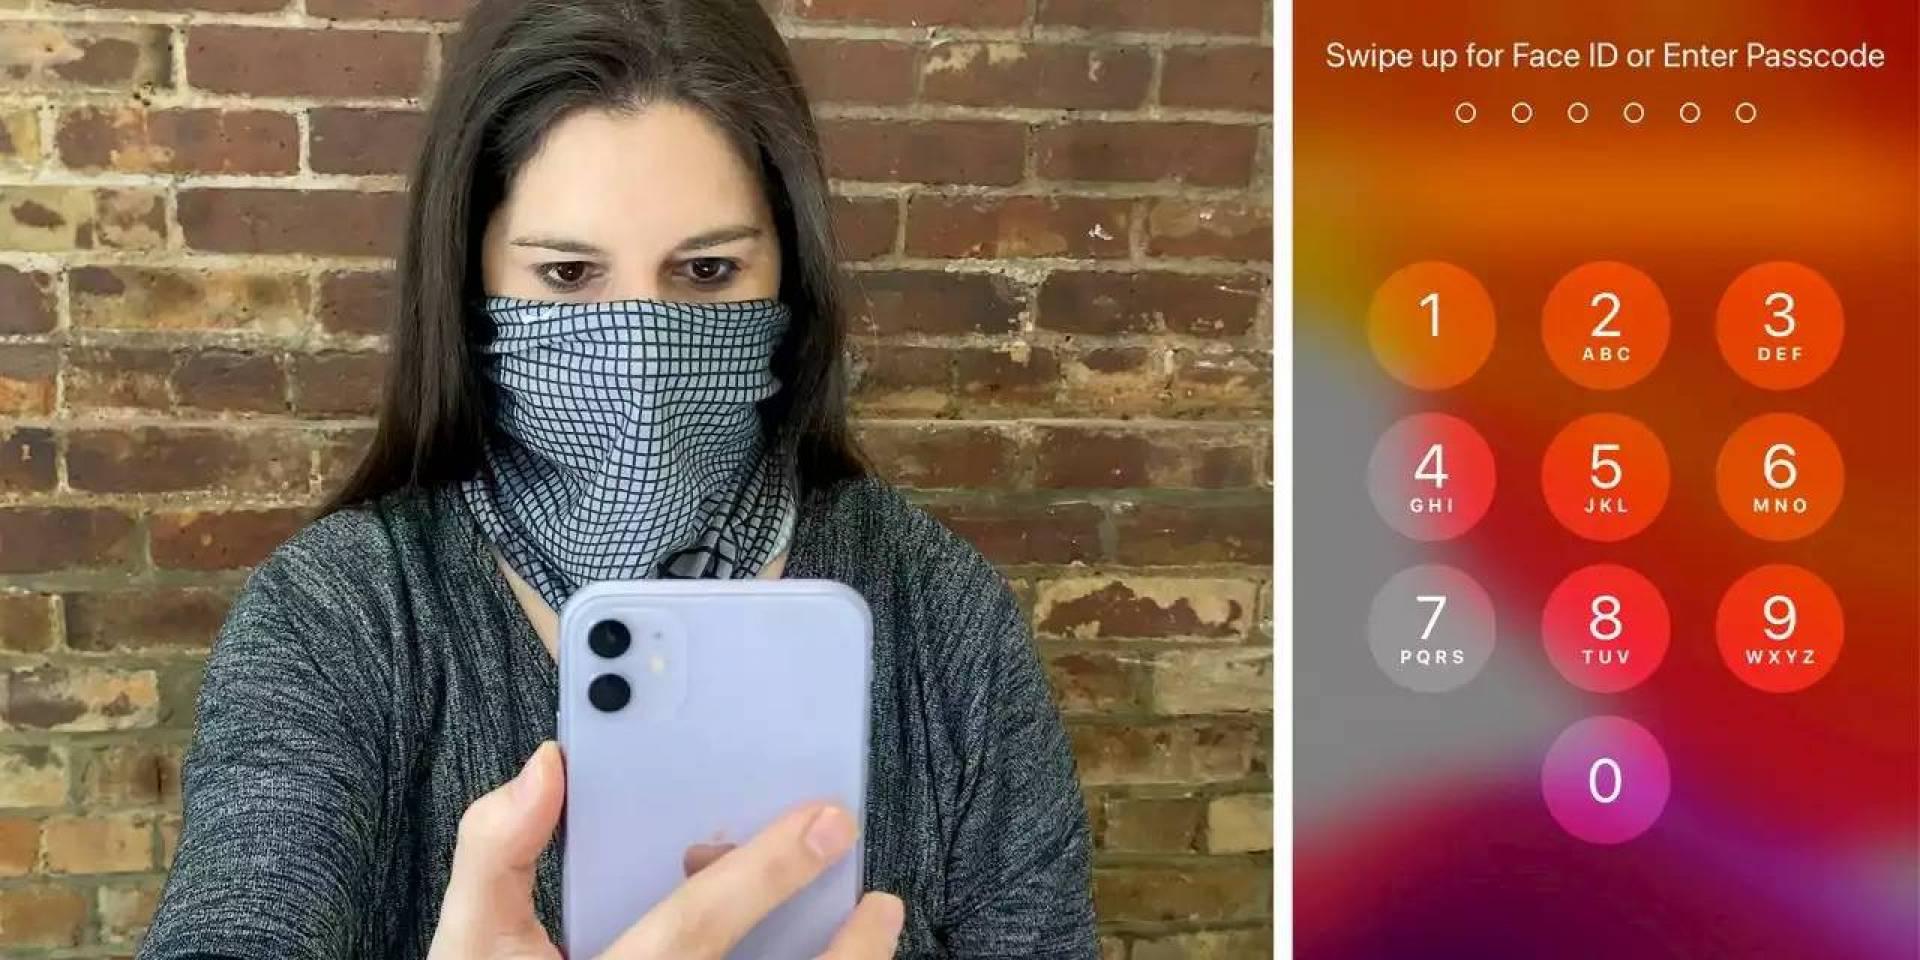 آبل تطلق تحديثاً يسهل إلغاء قفل هواتف آيفون أثناء ارتداء الكمامة